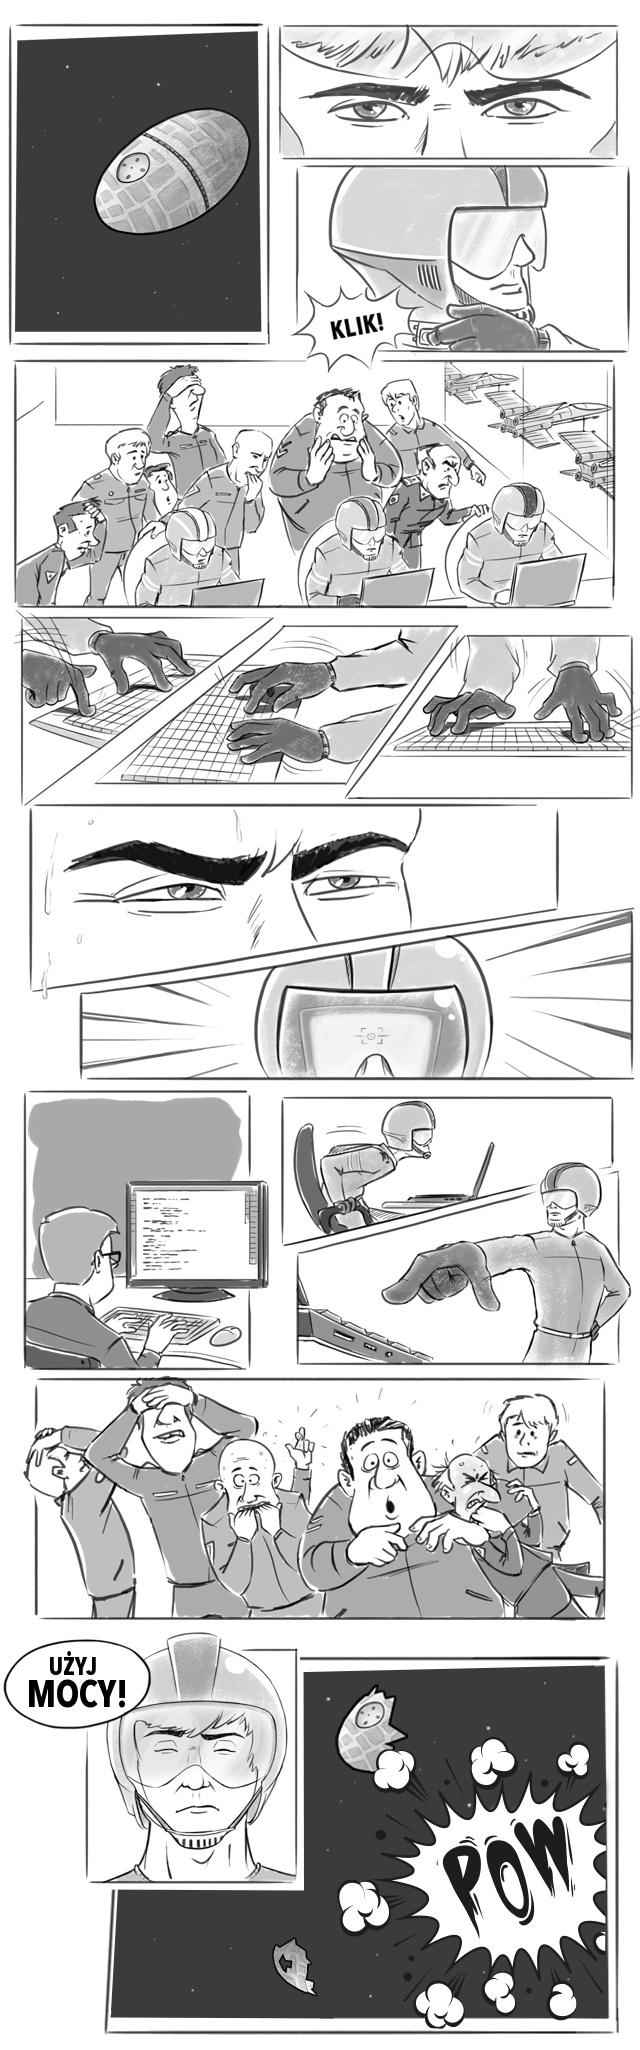 40_internet_sci_fi_03